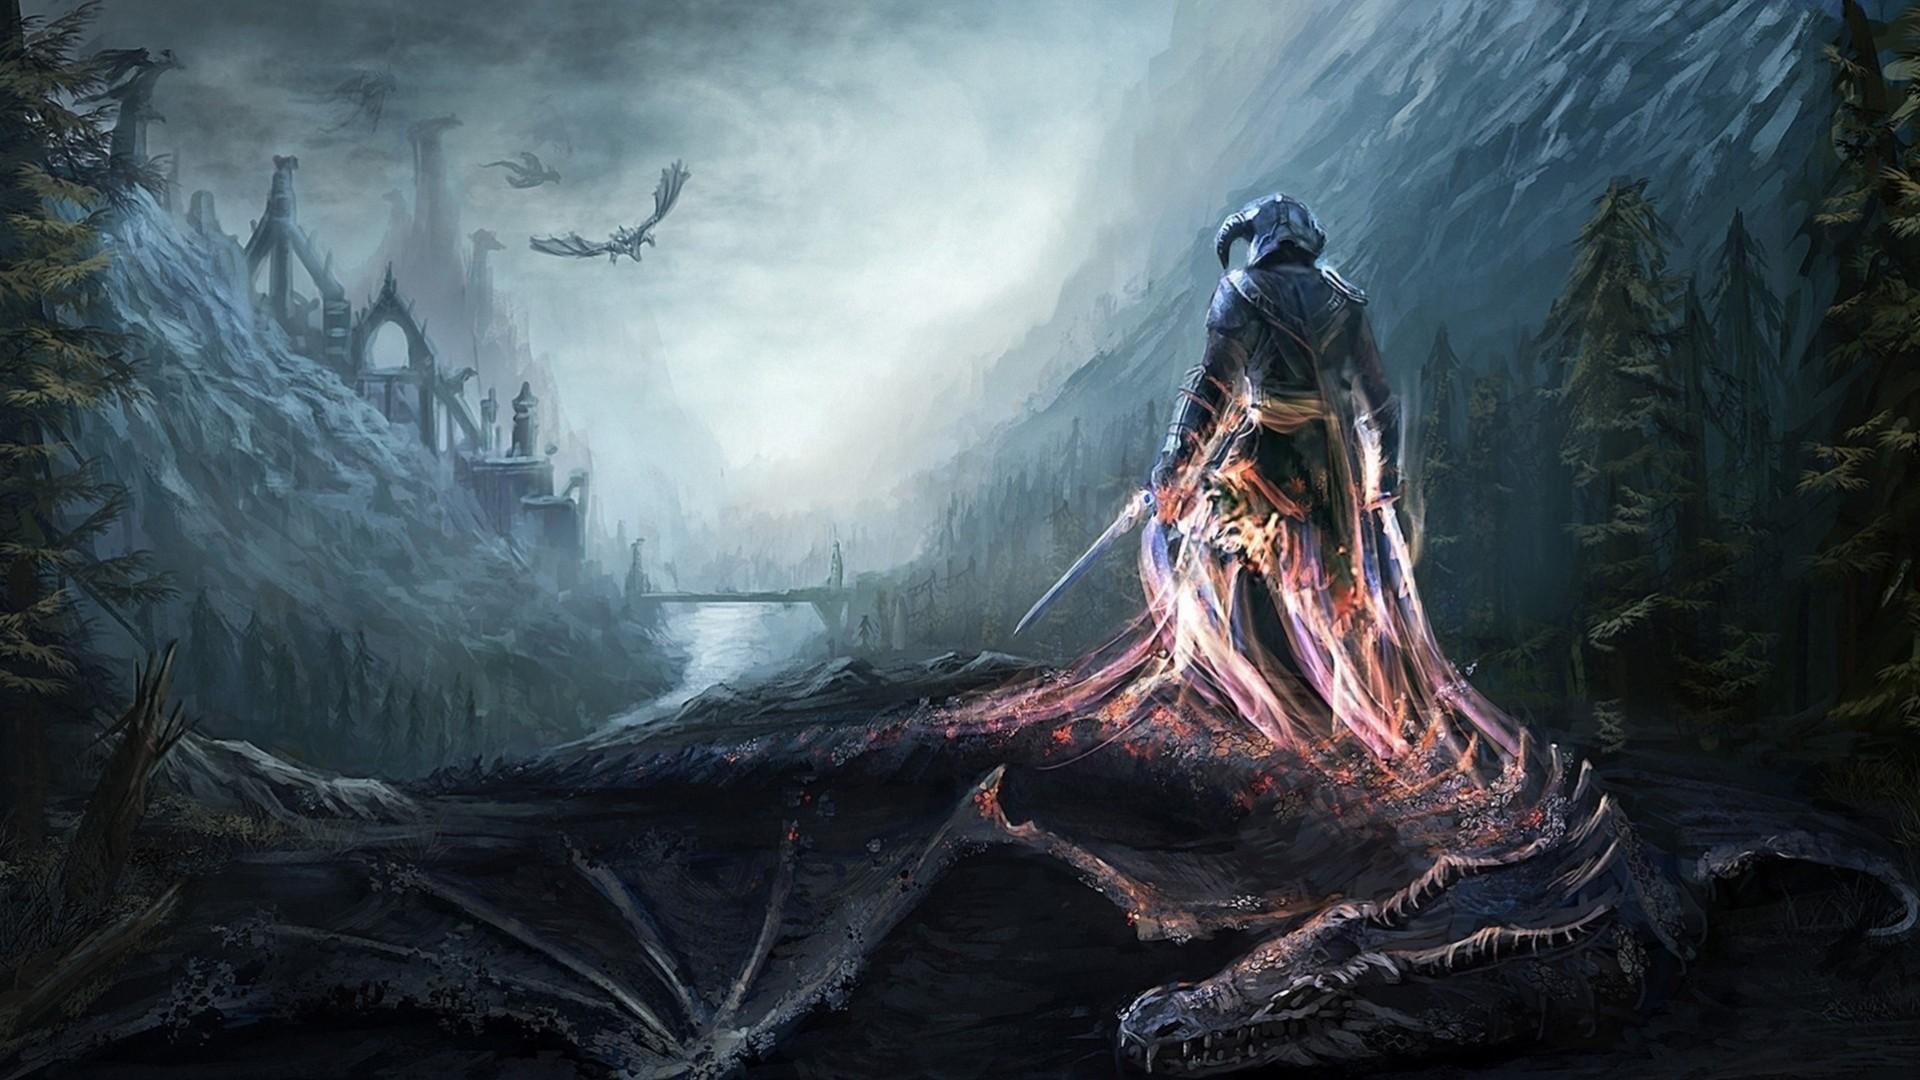 Картинки драконов красивые рисунки с драконами